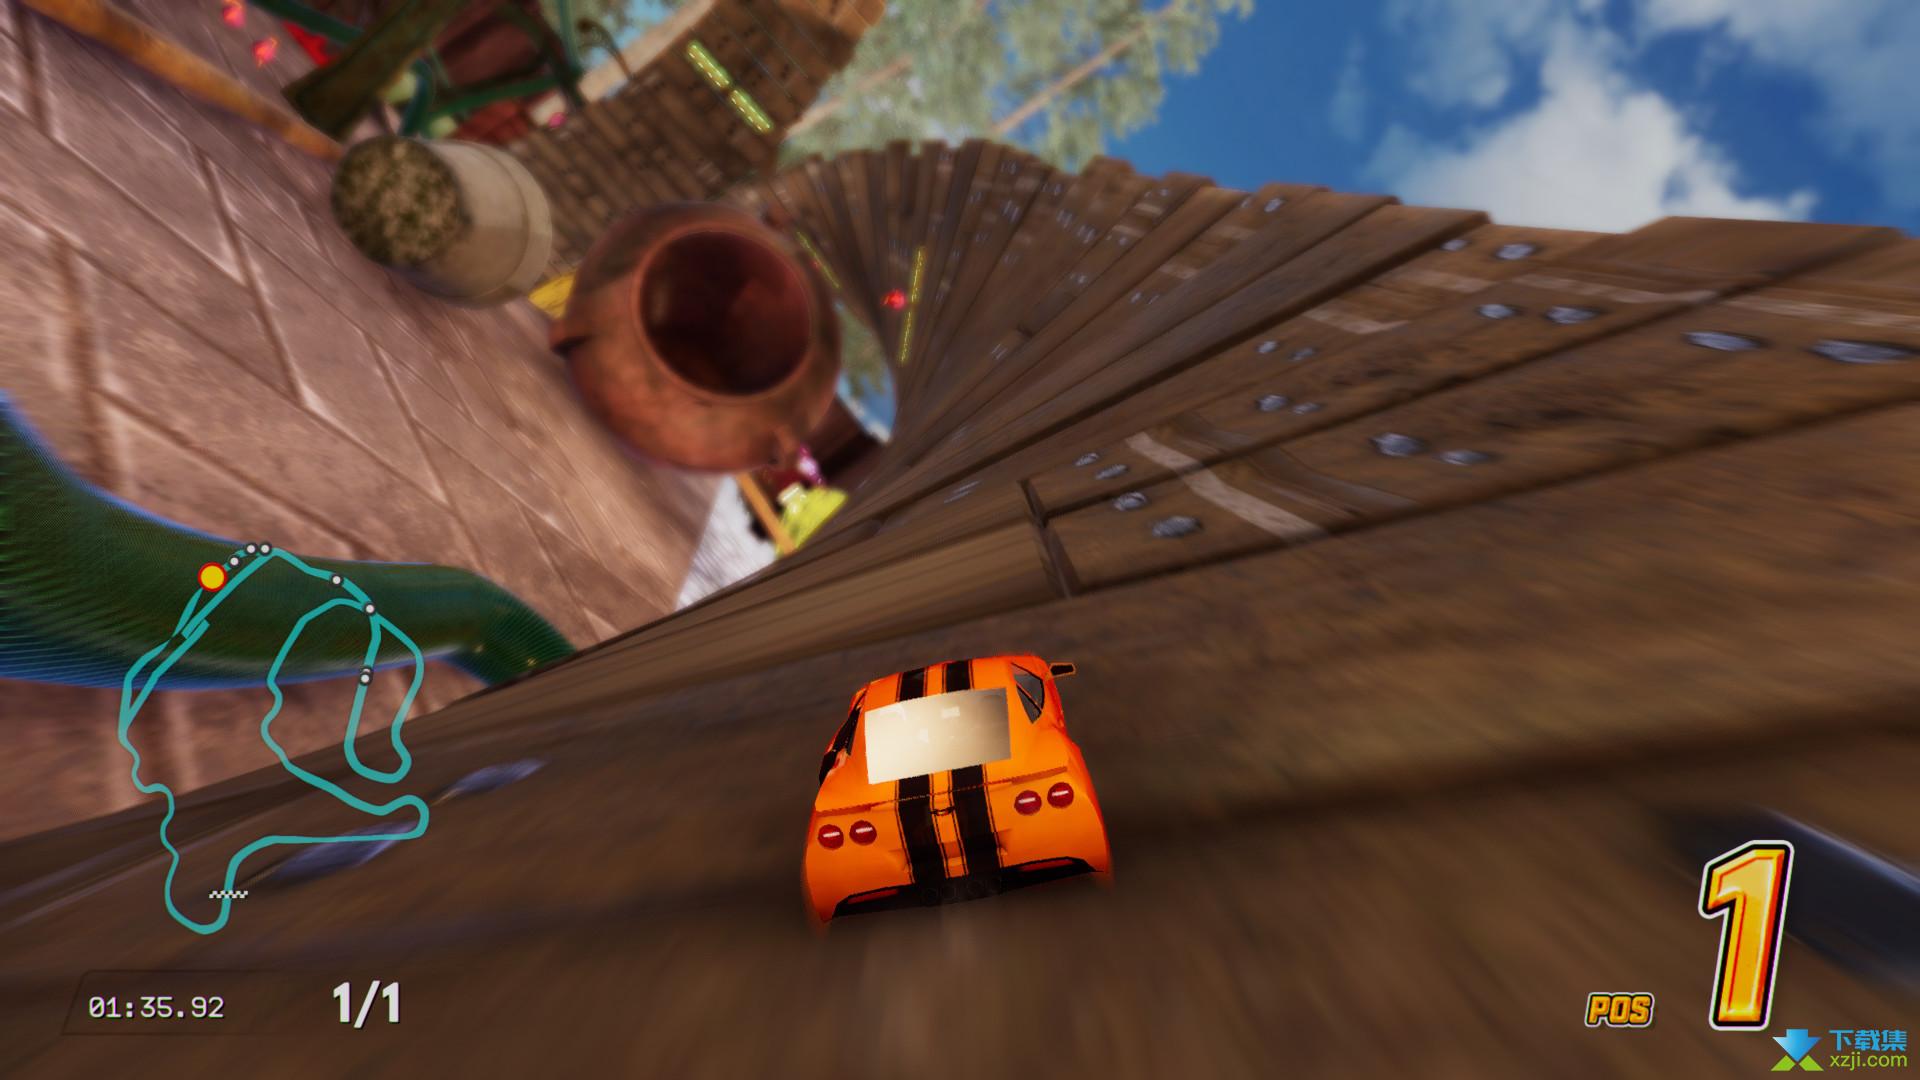 超级玩具车2界面4